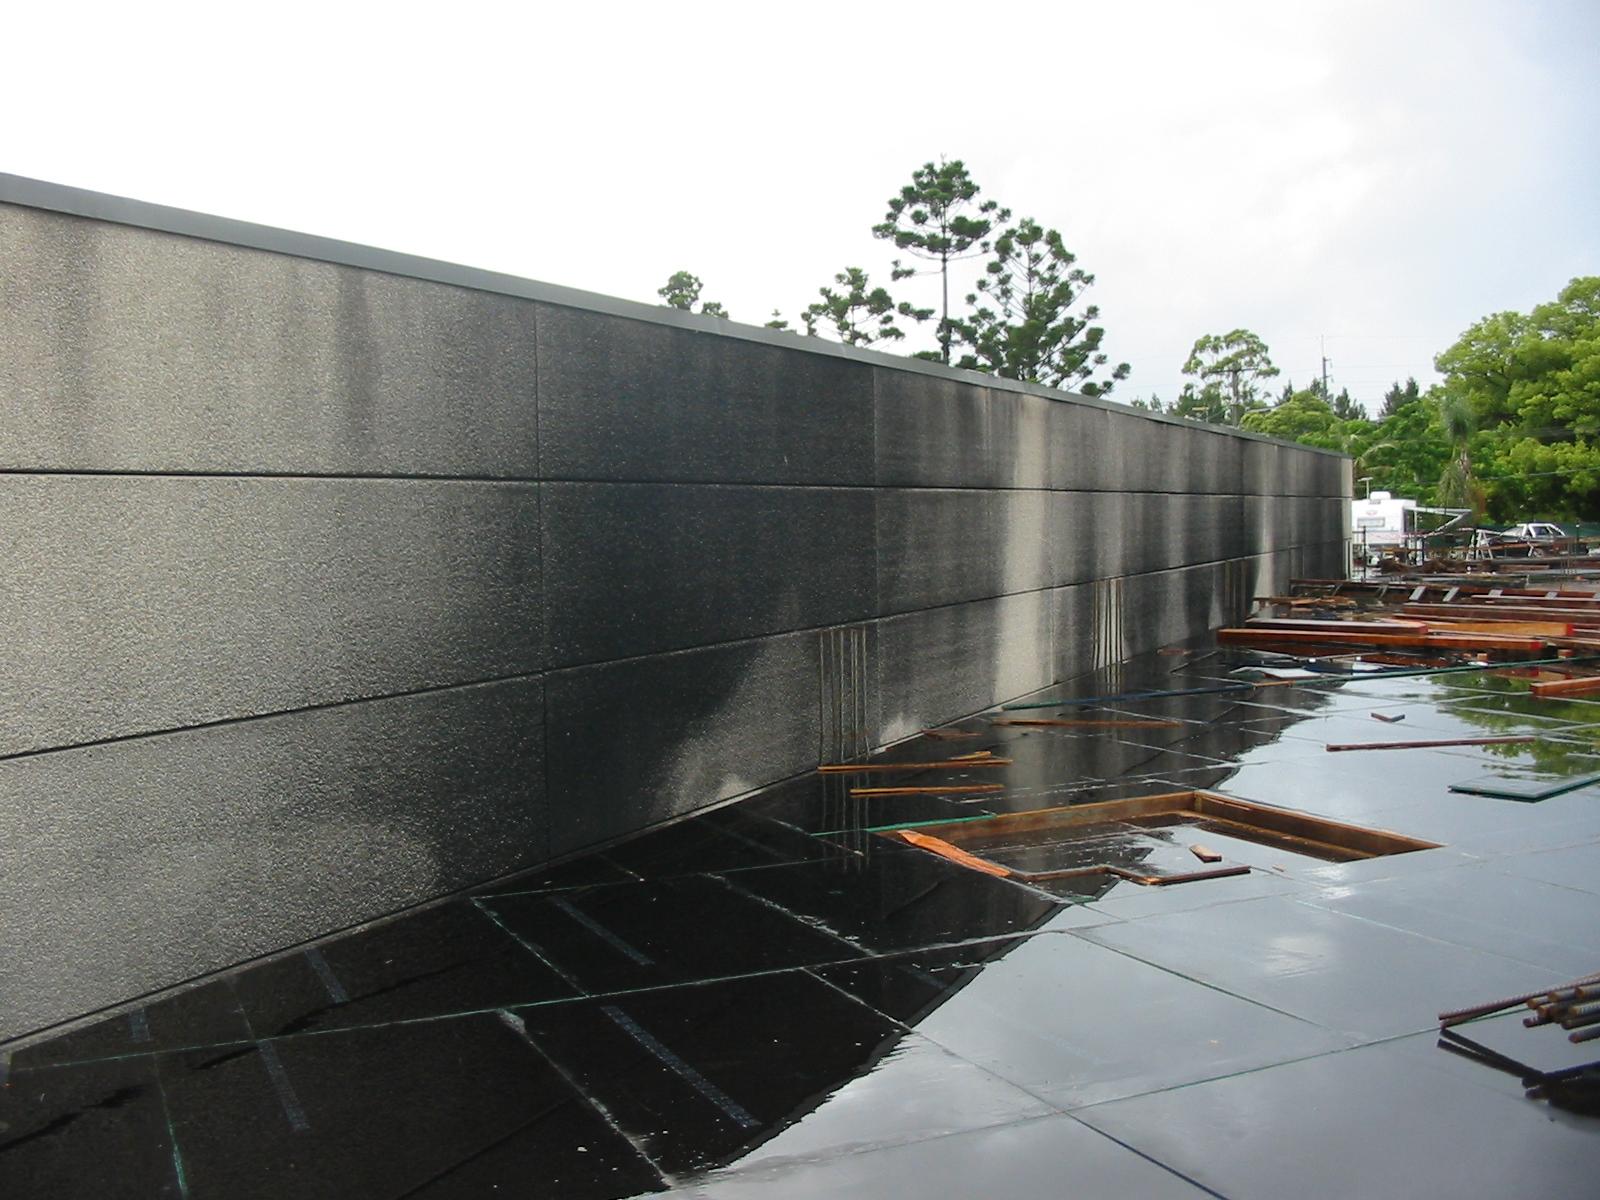 smoke-damage-wall-3